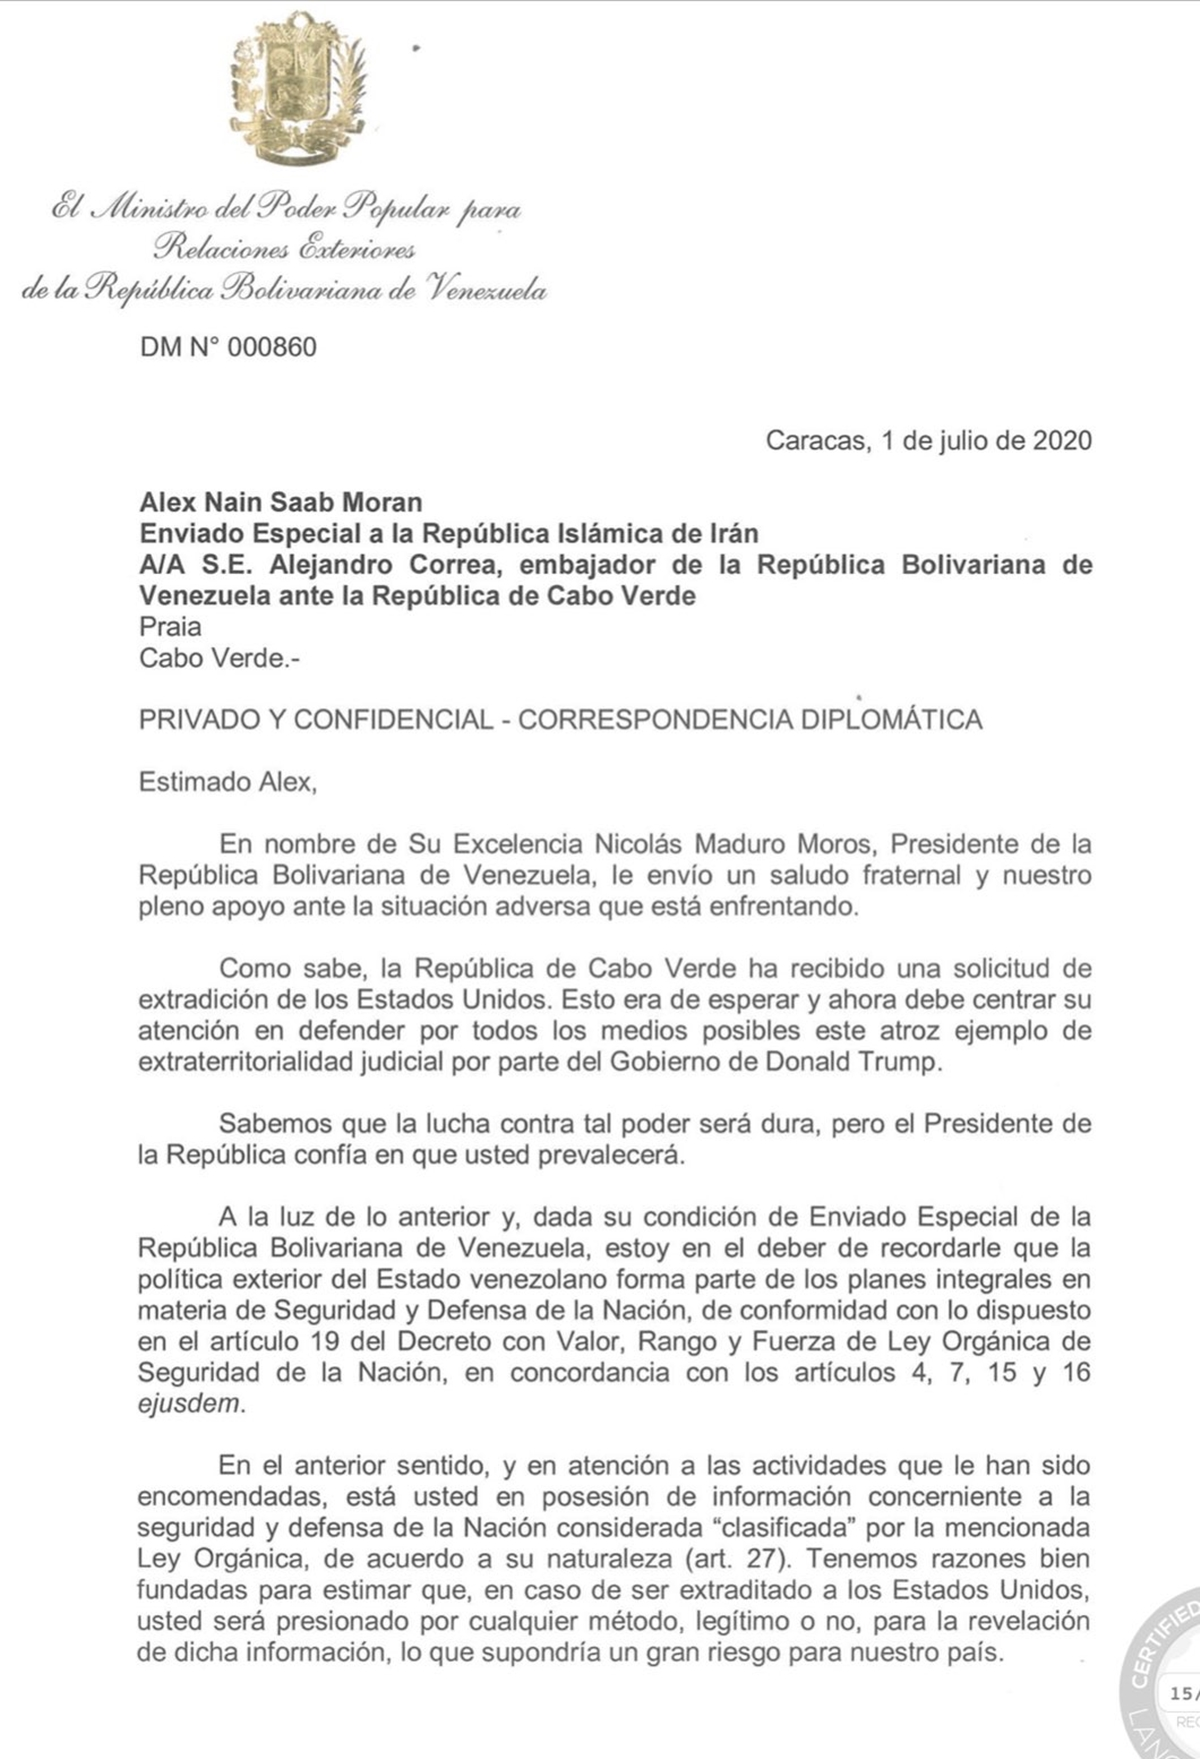 Carta del régimen confirma que Alex Saab posee información clasificada sobre Venezuela 1